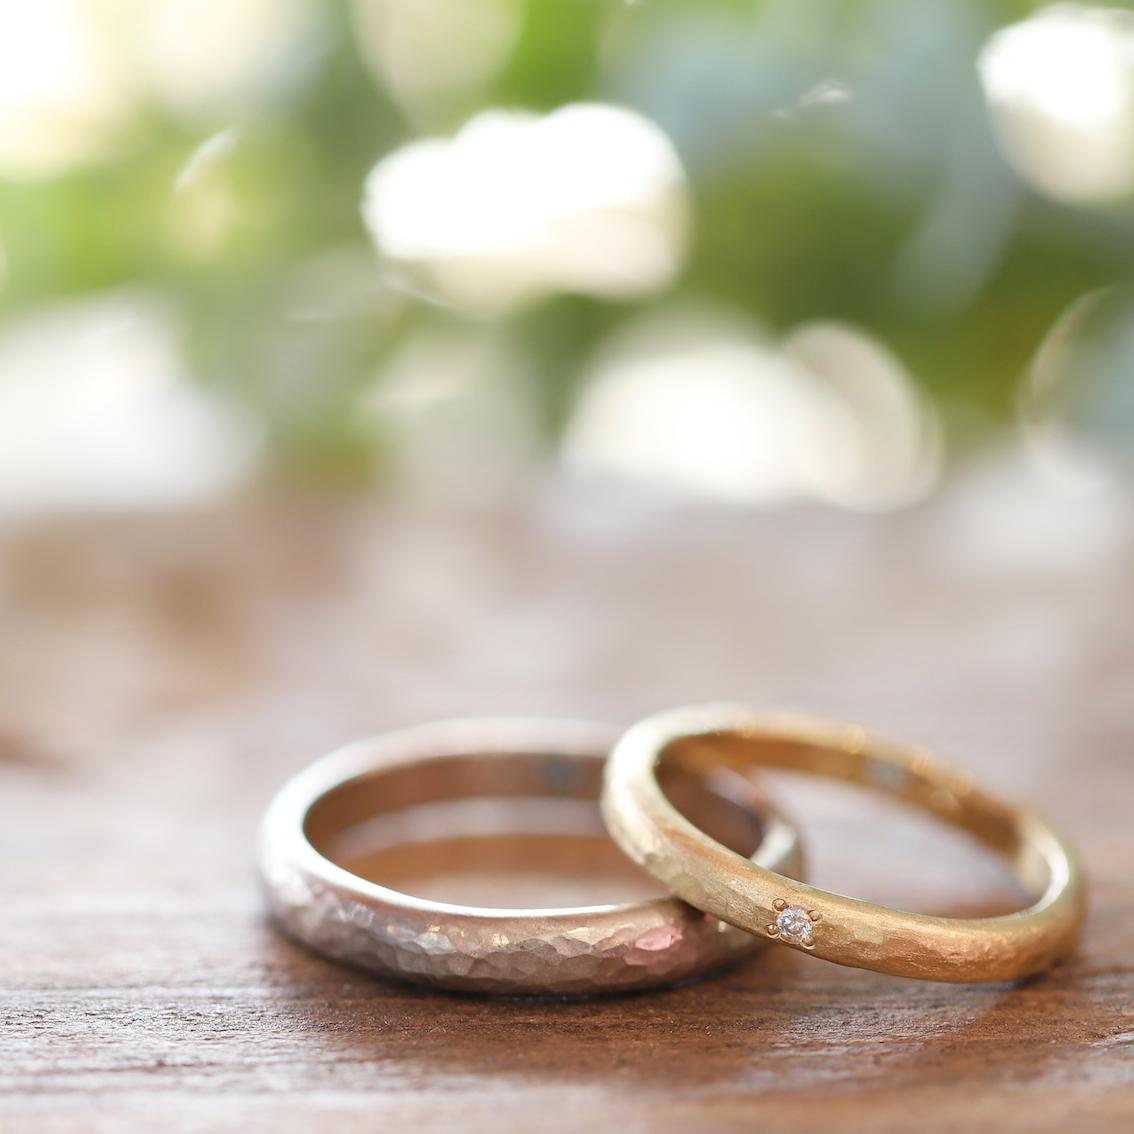 つや消しのハンマー仕上げの結婚指輪 ダイヤモンドが映える